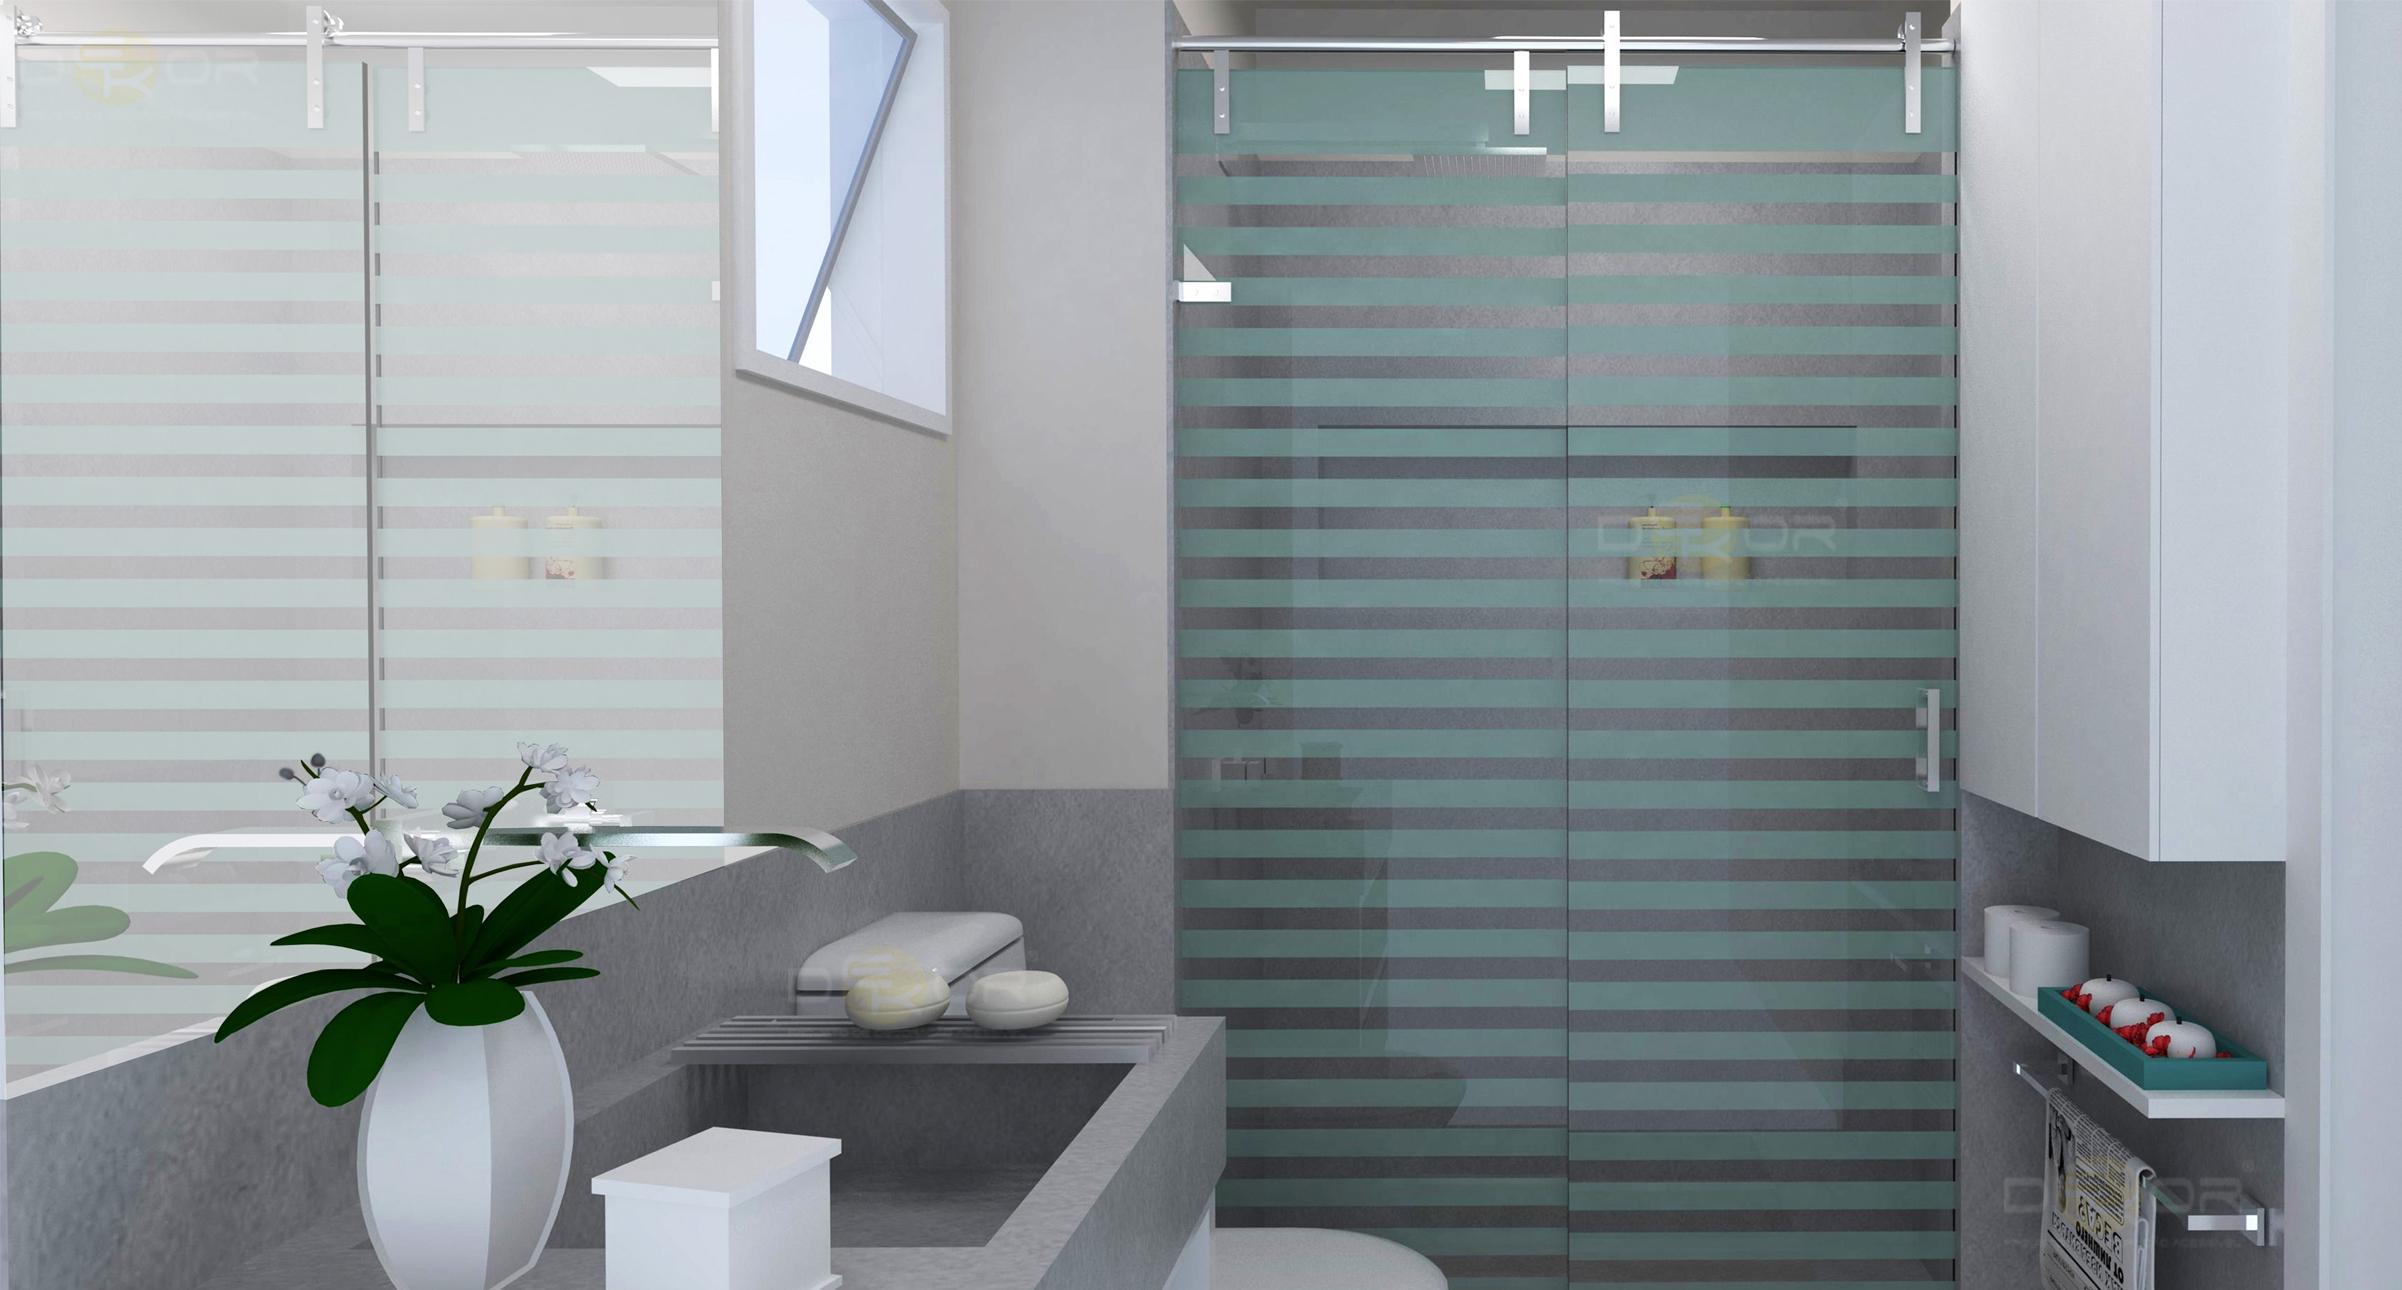 05/03/2014 2402 × 1290 Projeto de Banheiro – Decoração Online #3 #475A4D 2402 1290